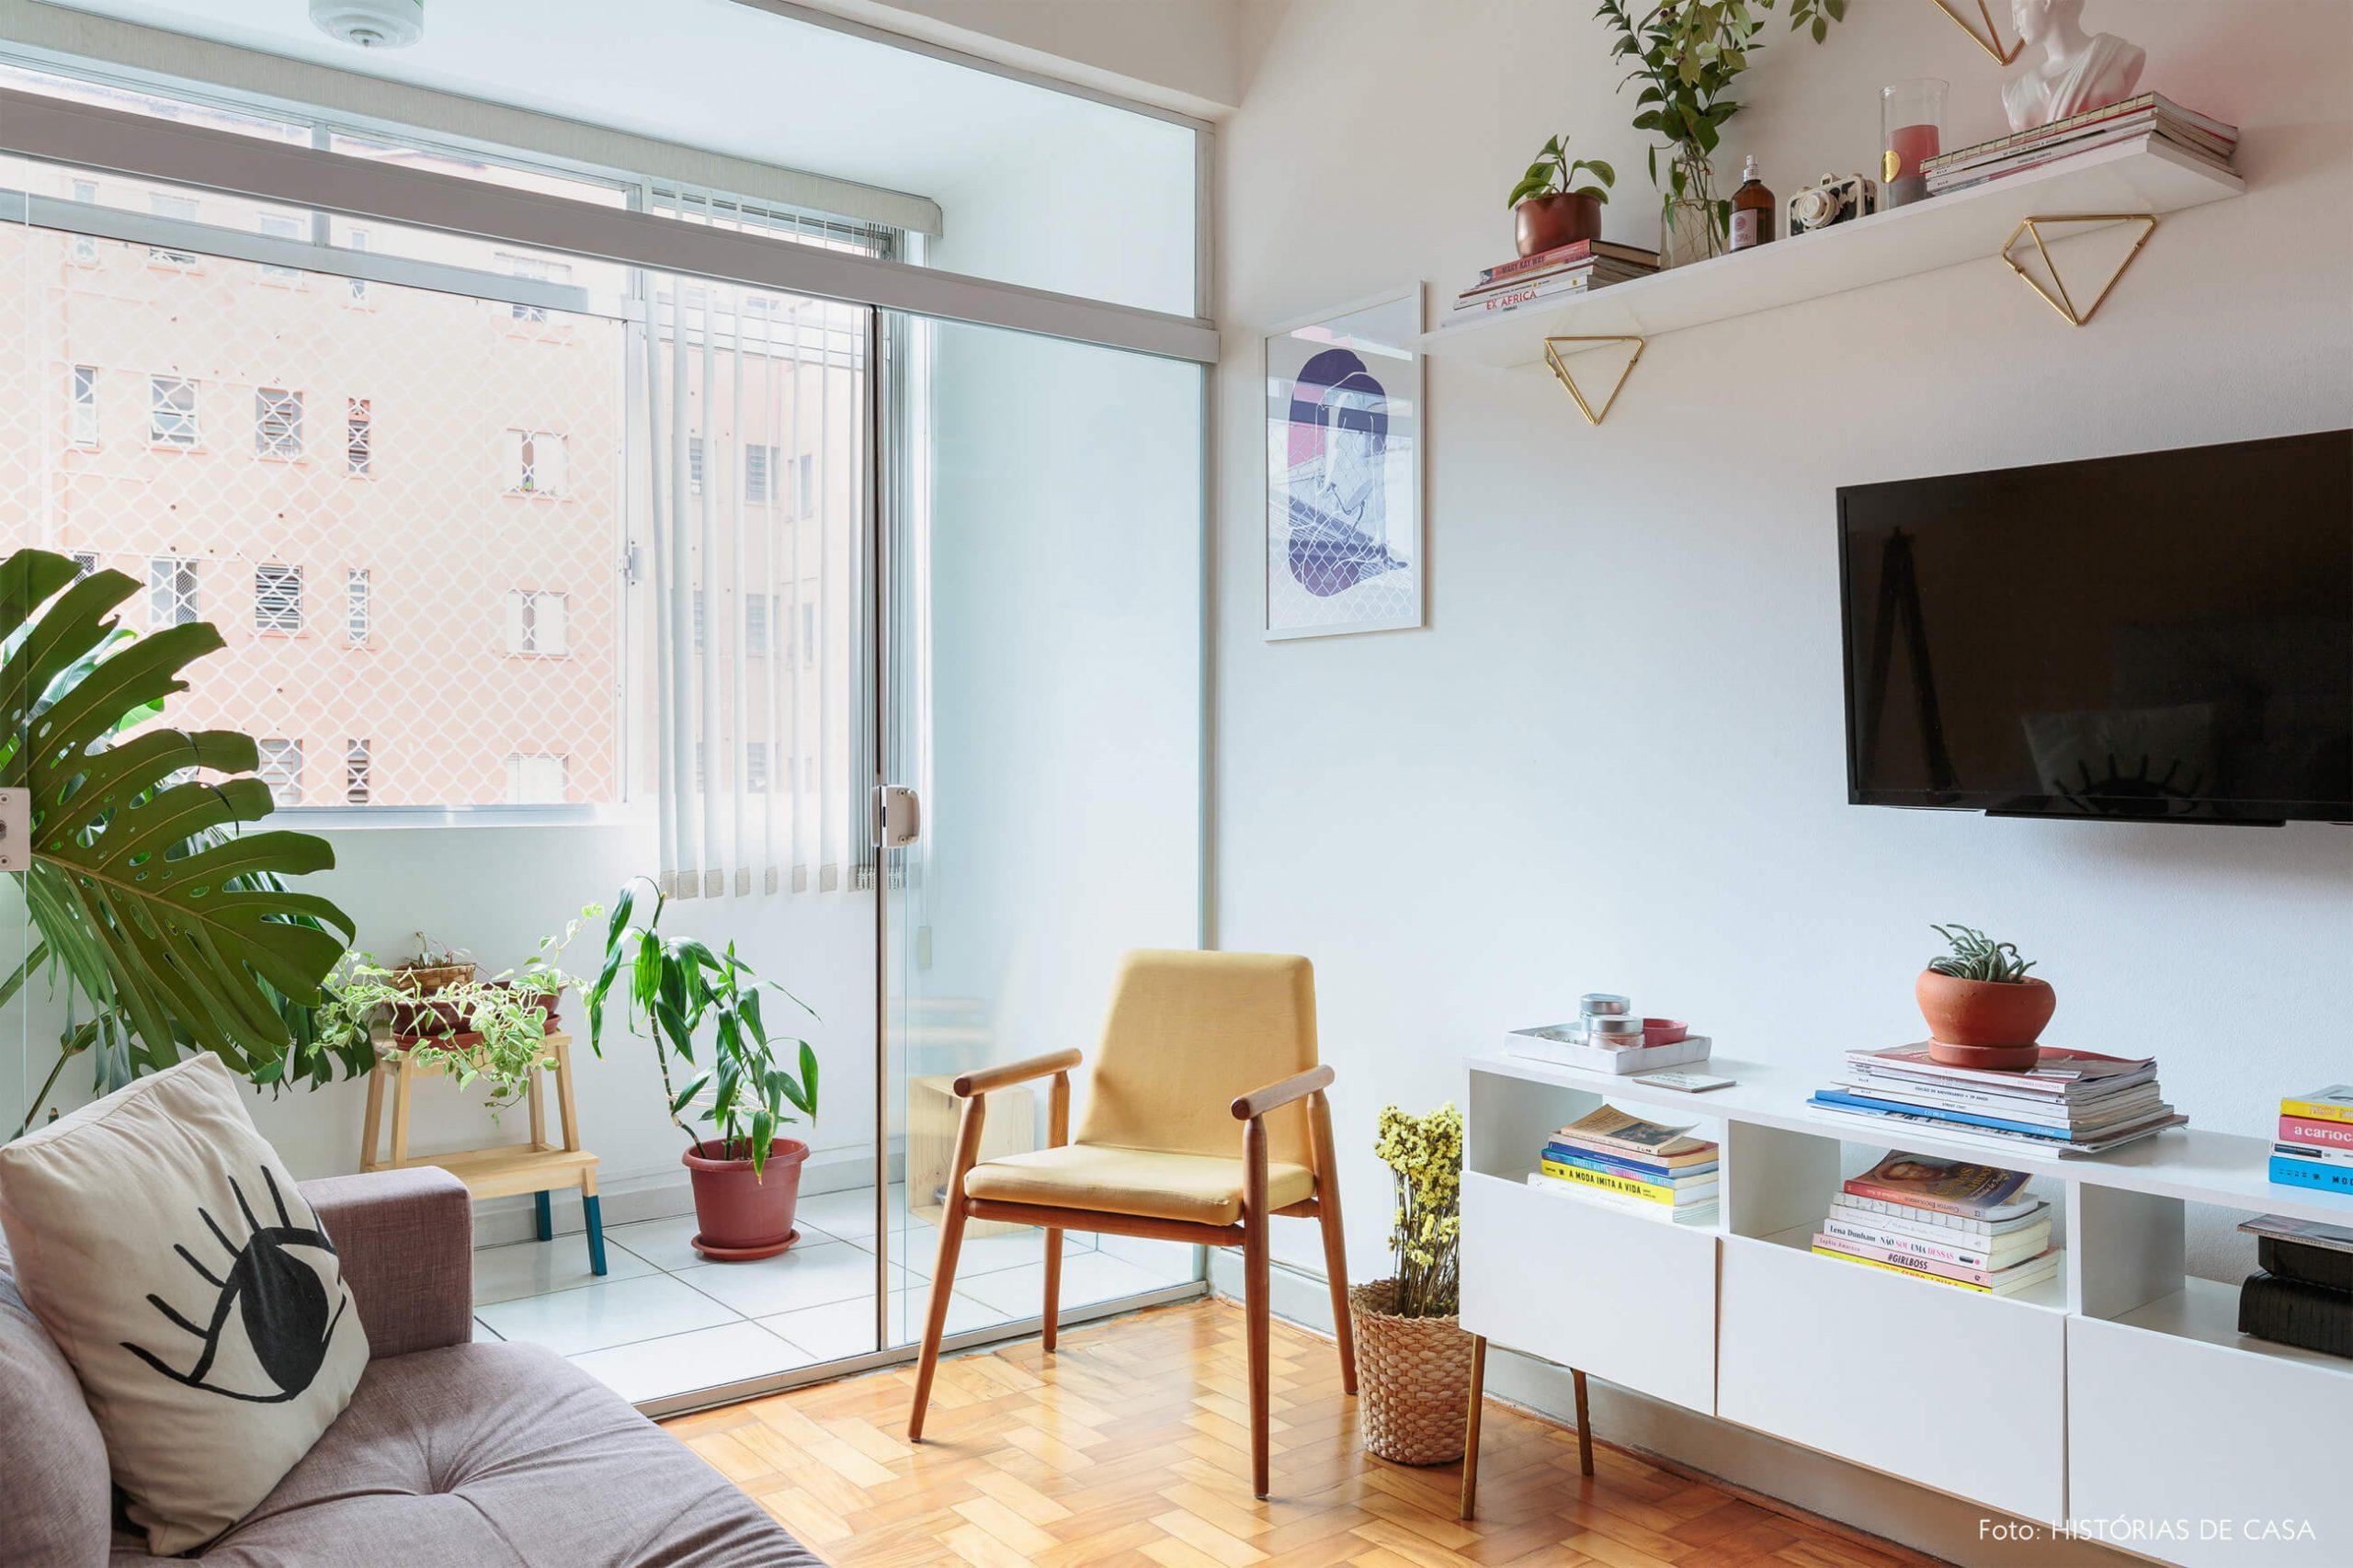 decoração ape alugado sala com poltrona amarela e varanda com plantas